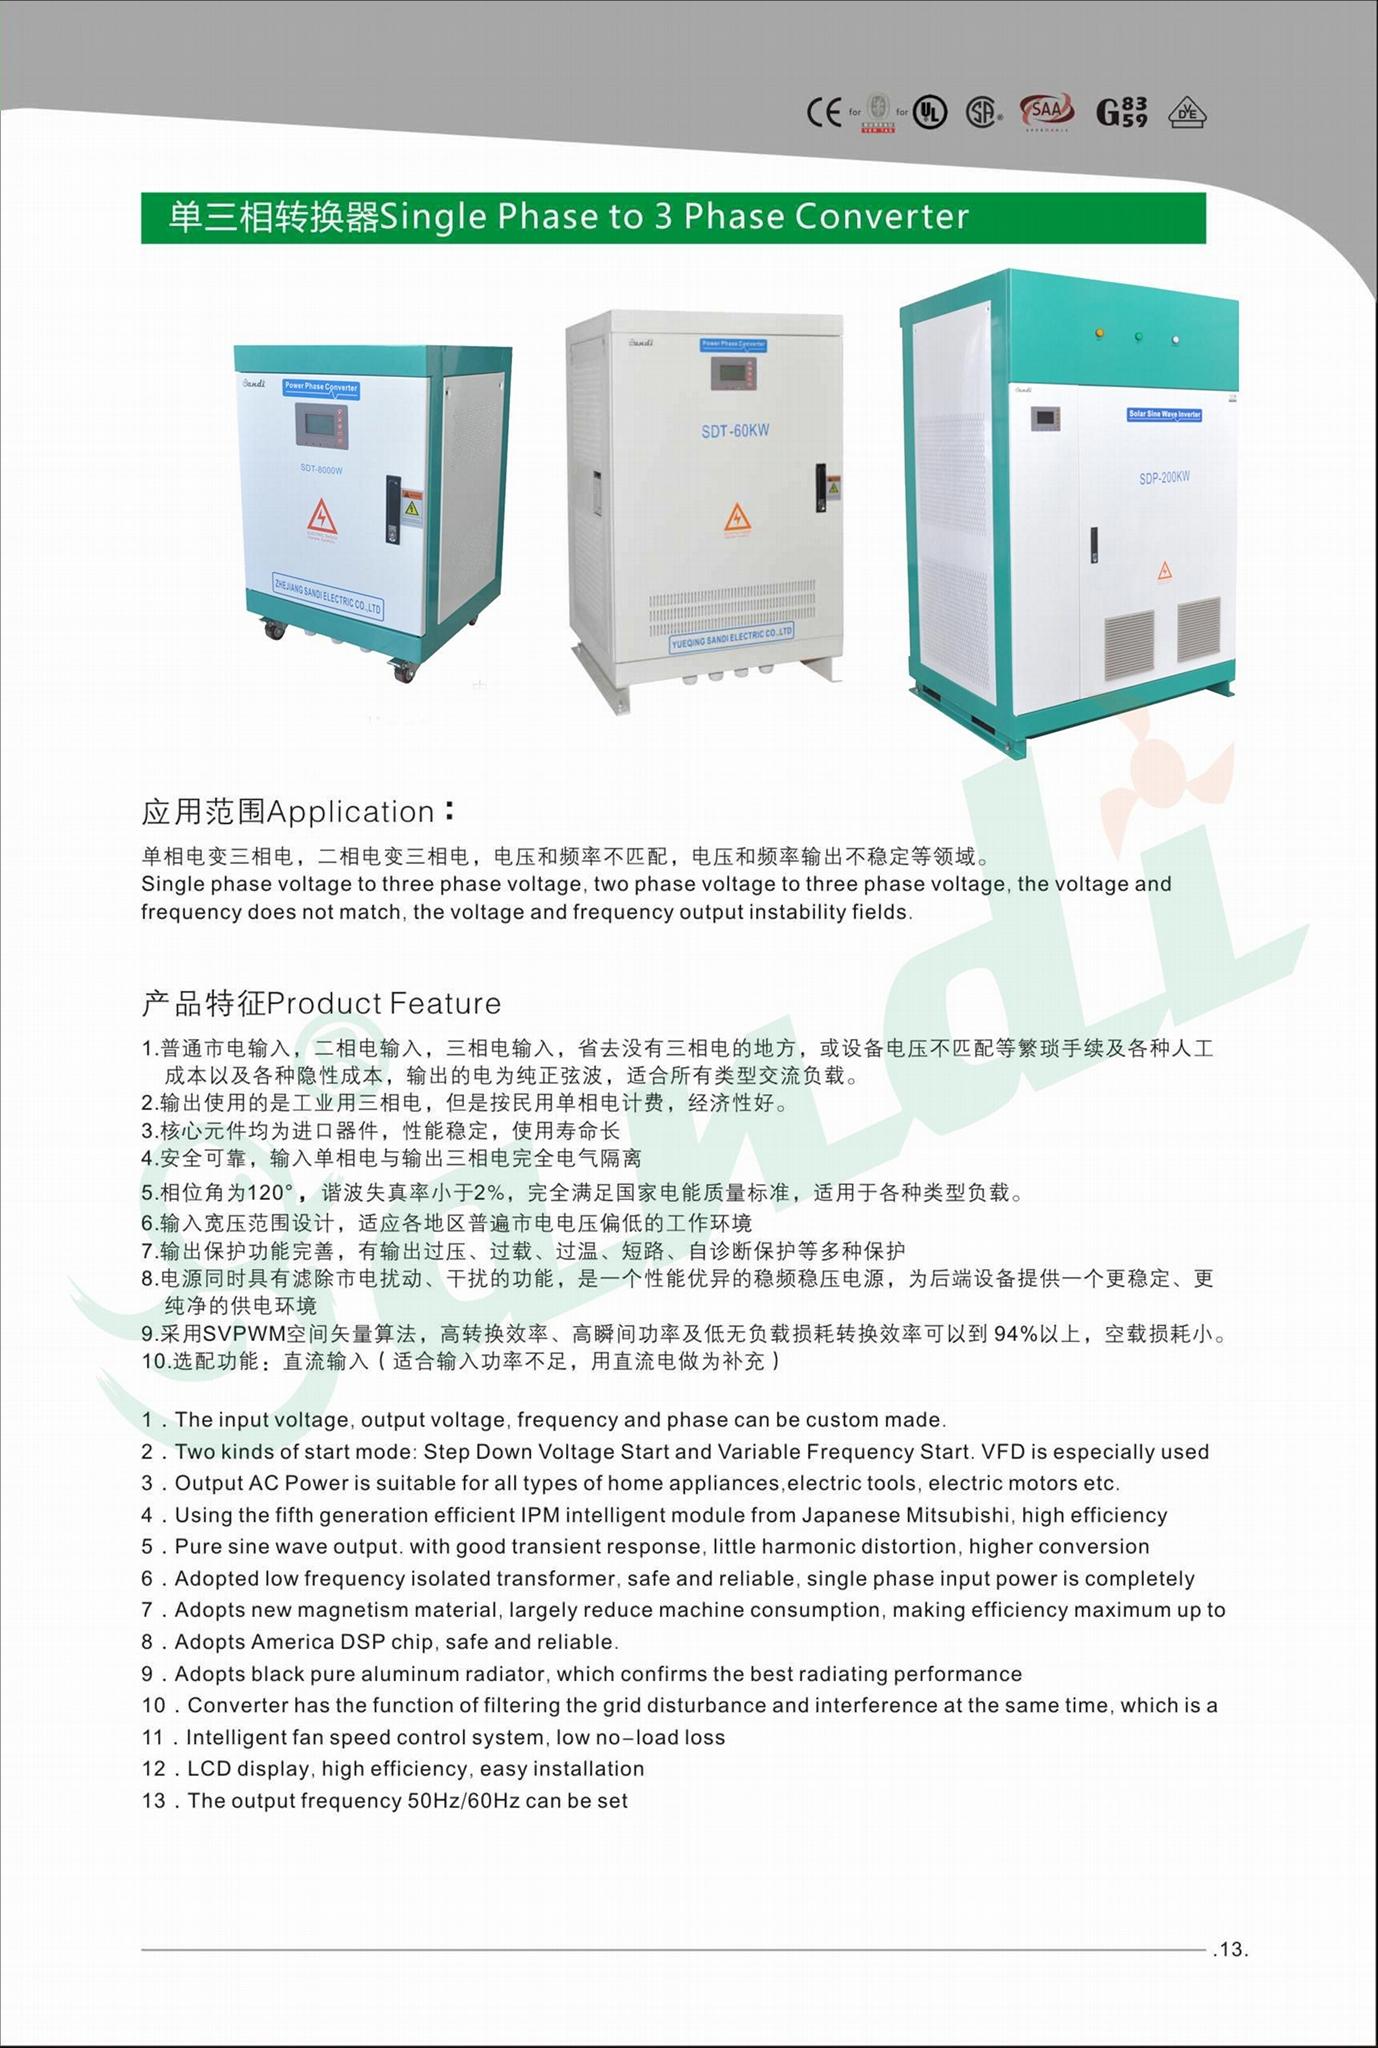 static phase converter 120/240VAC split phase to 120/208V 3 phase output